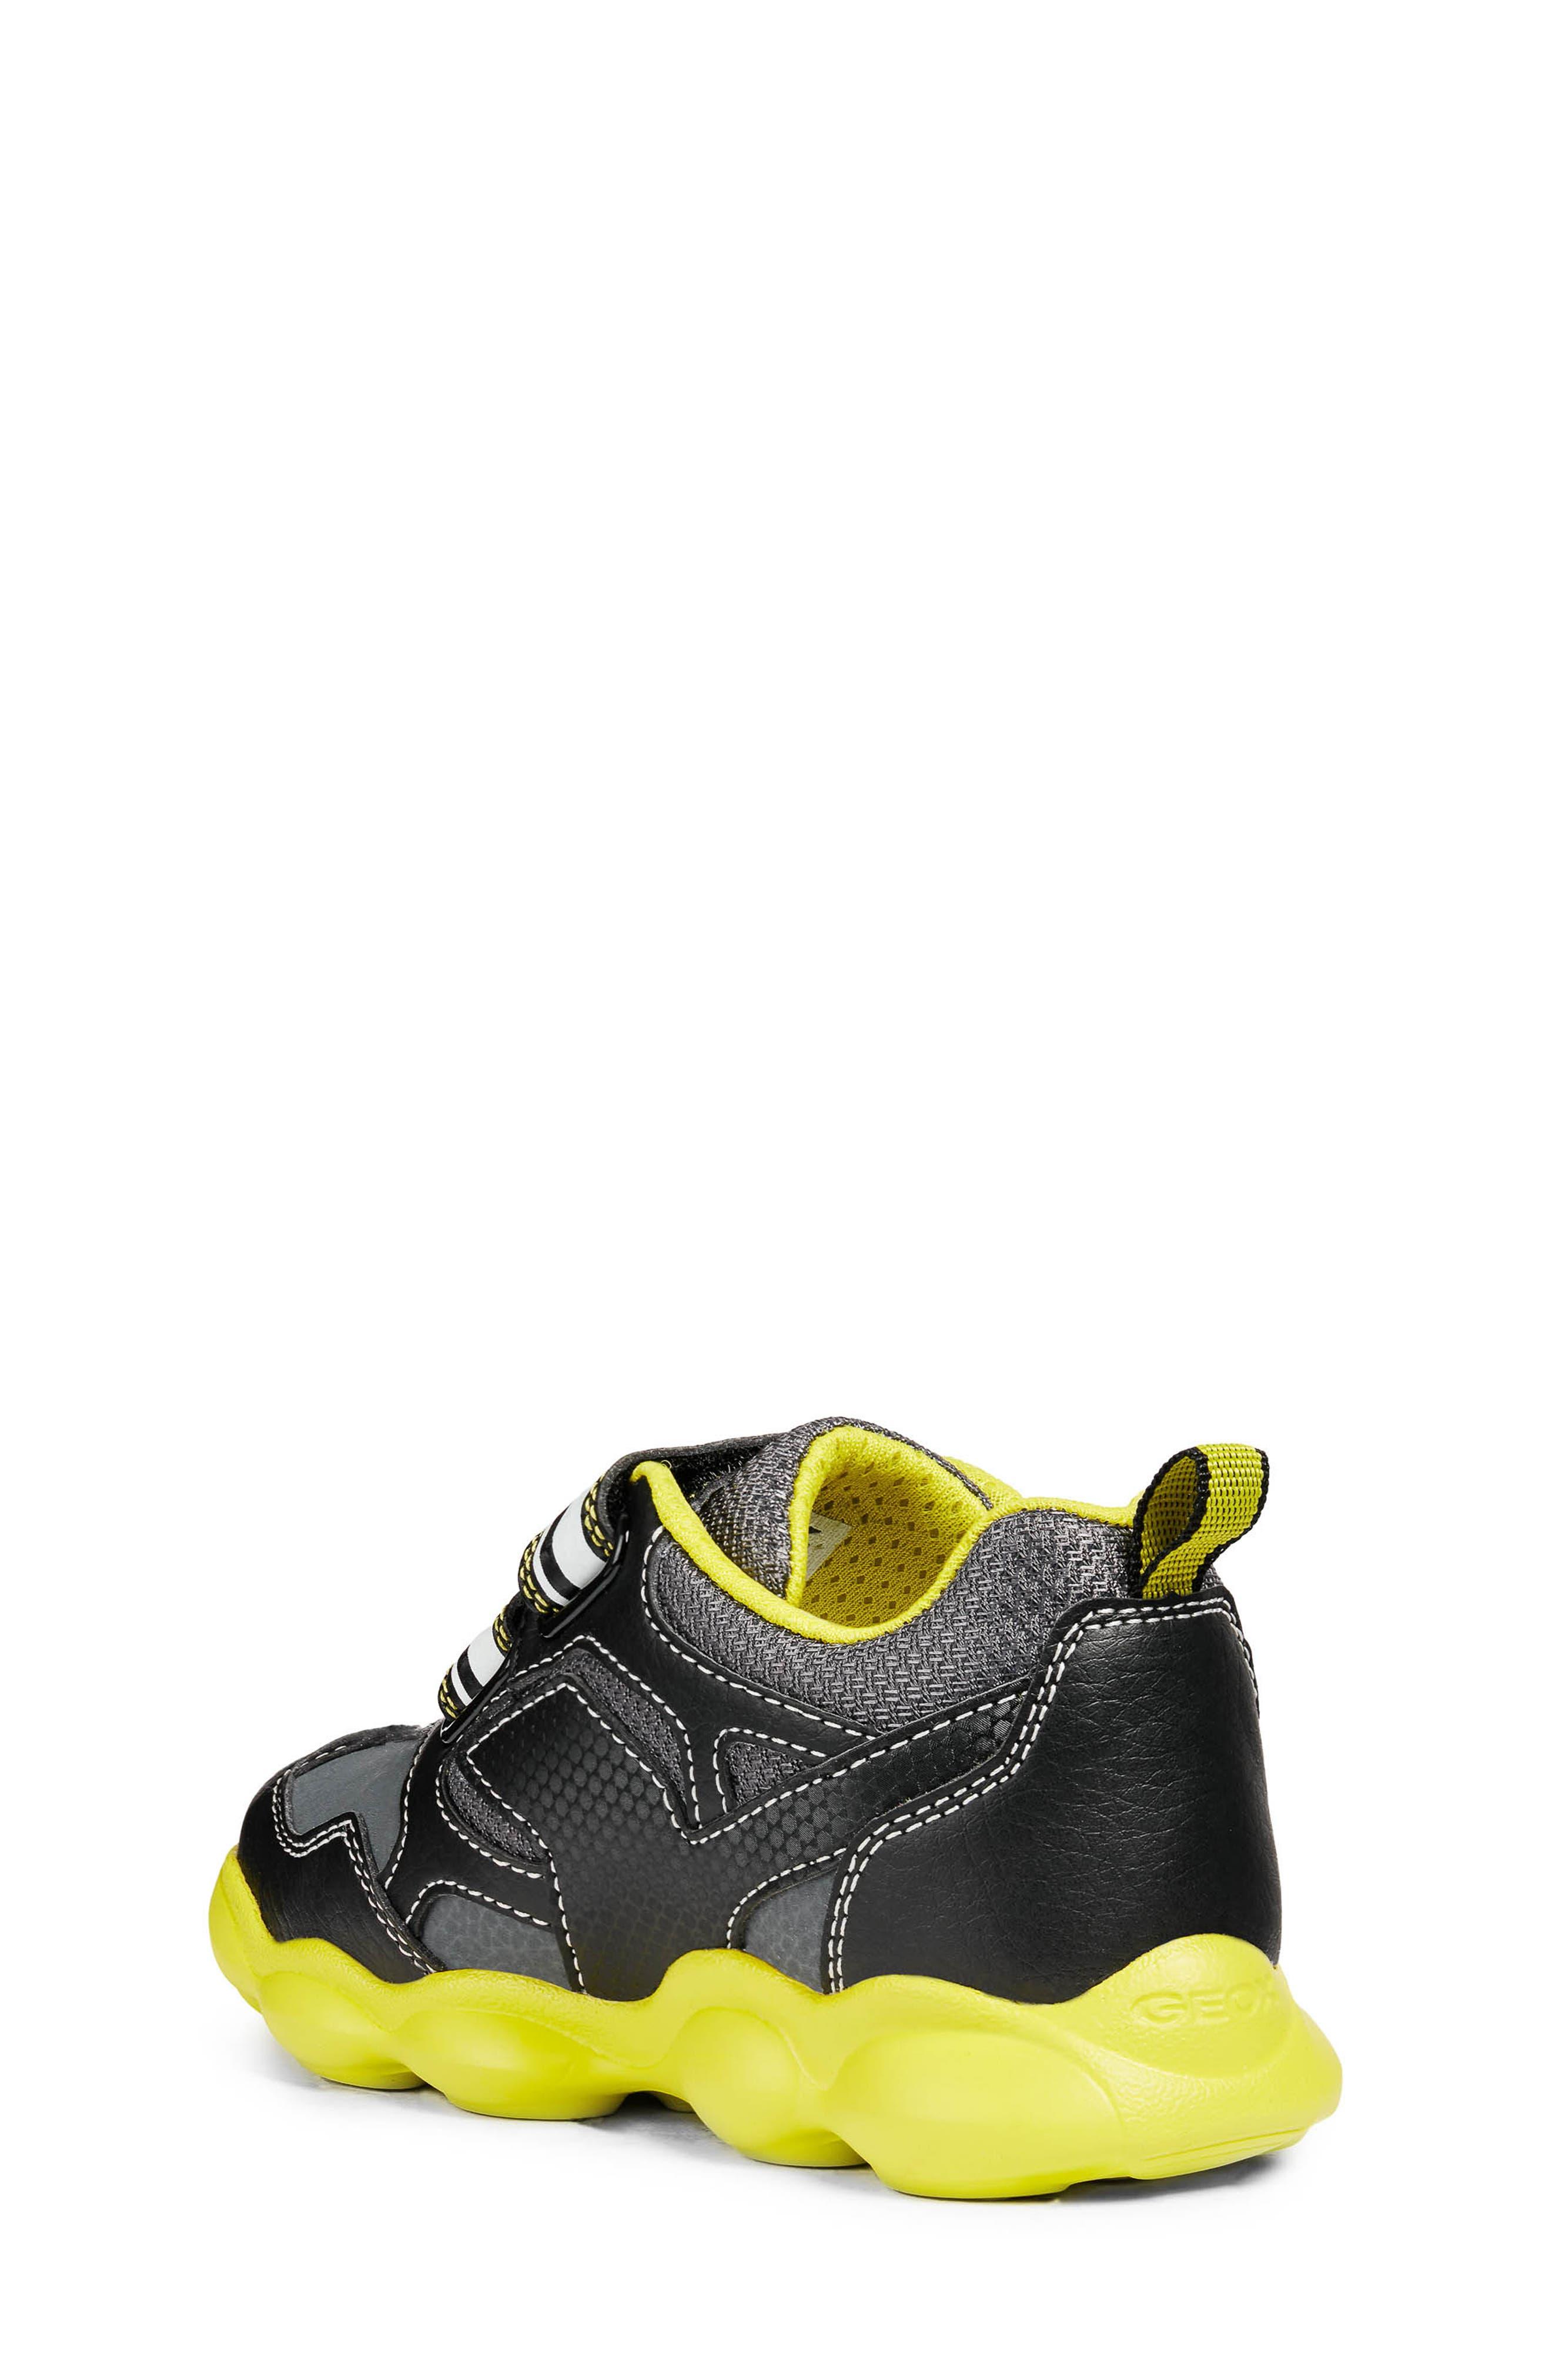 GEOX, Munfrey Waterproof Sneaker, Alternate thumbnail 2, color, BLACK/ LIME